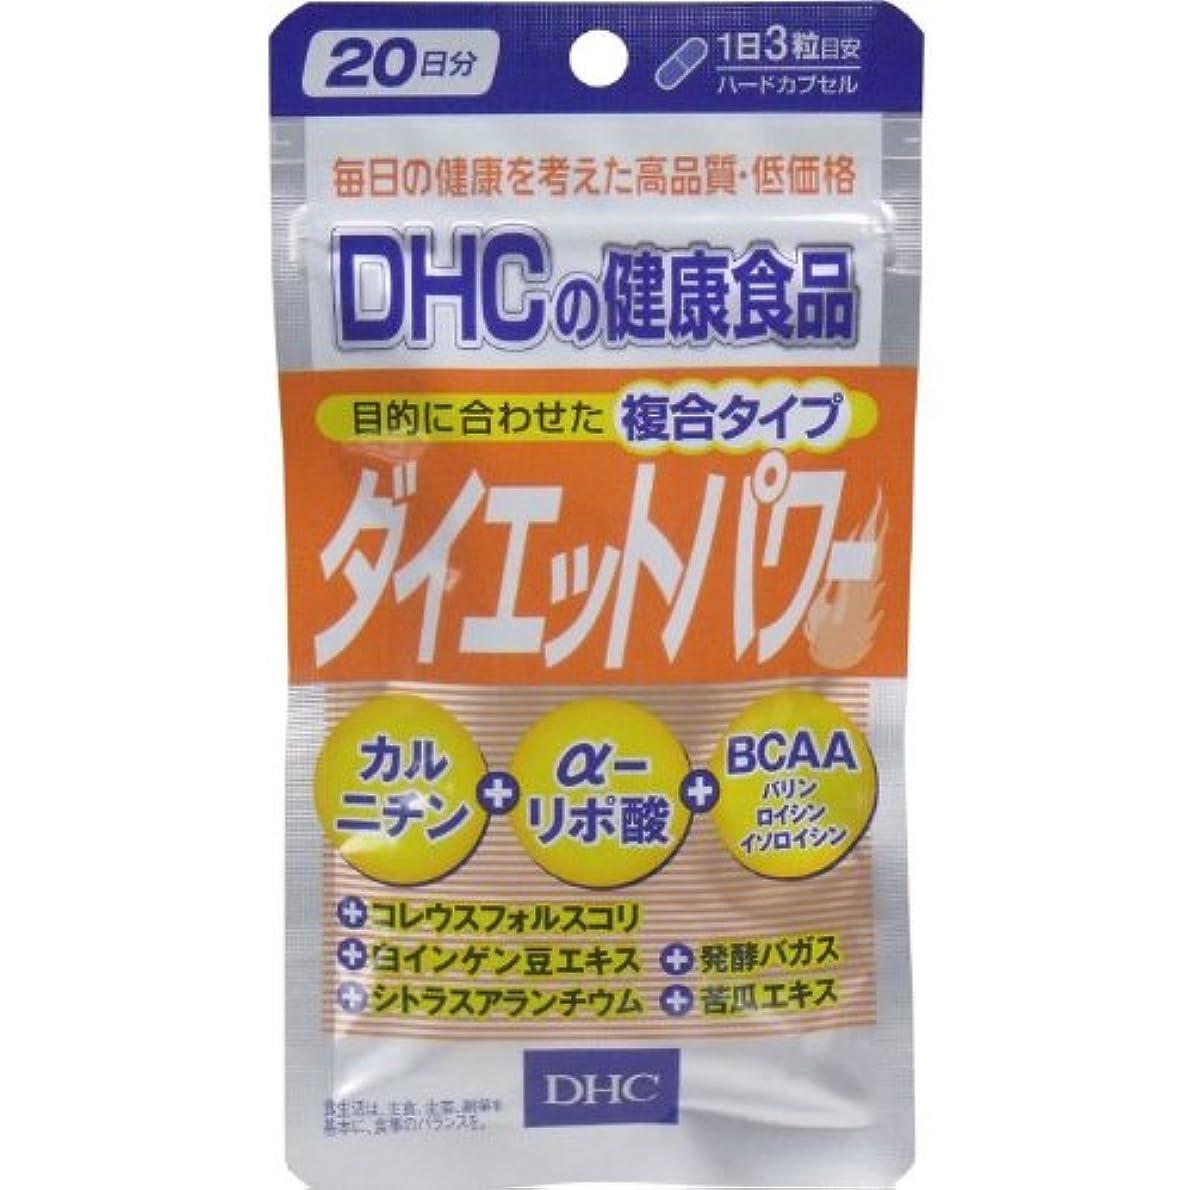 子猫アームストロング小学生DHC ダイエットパワー 60粒入 20日分「5点セット」